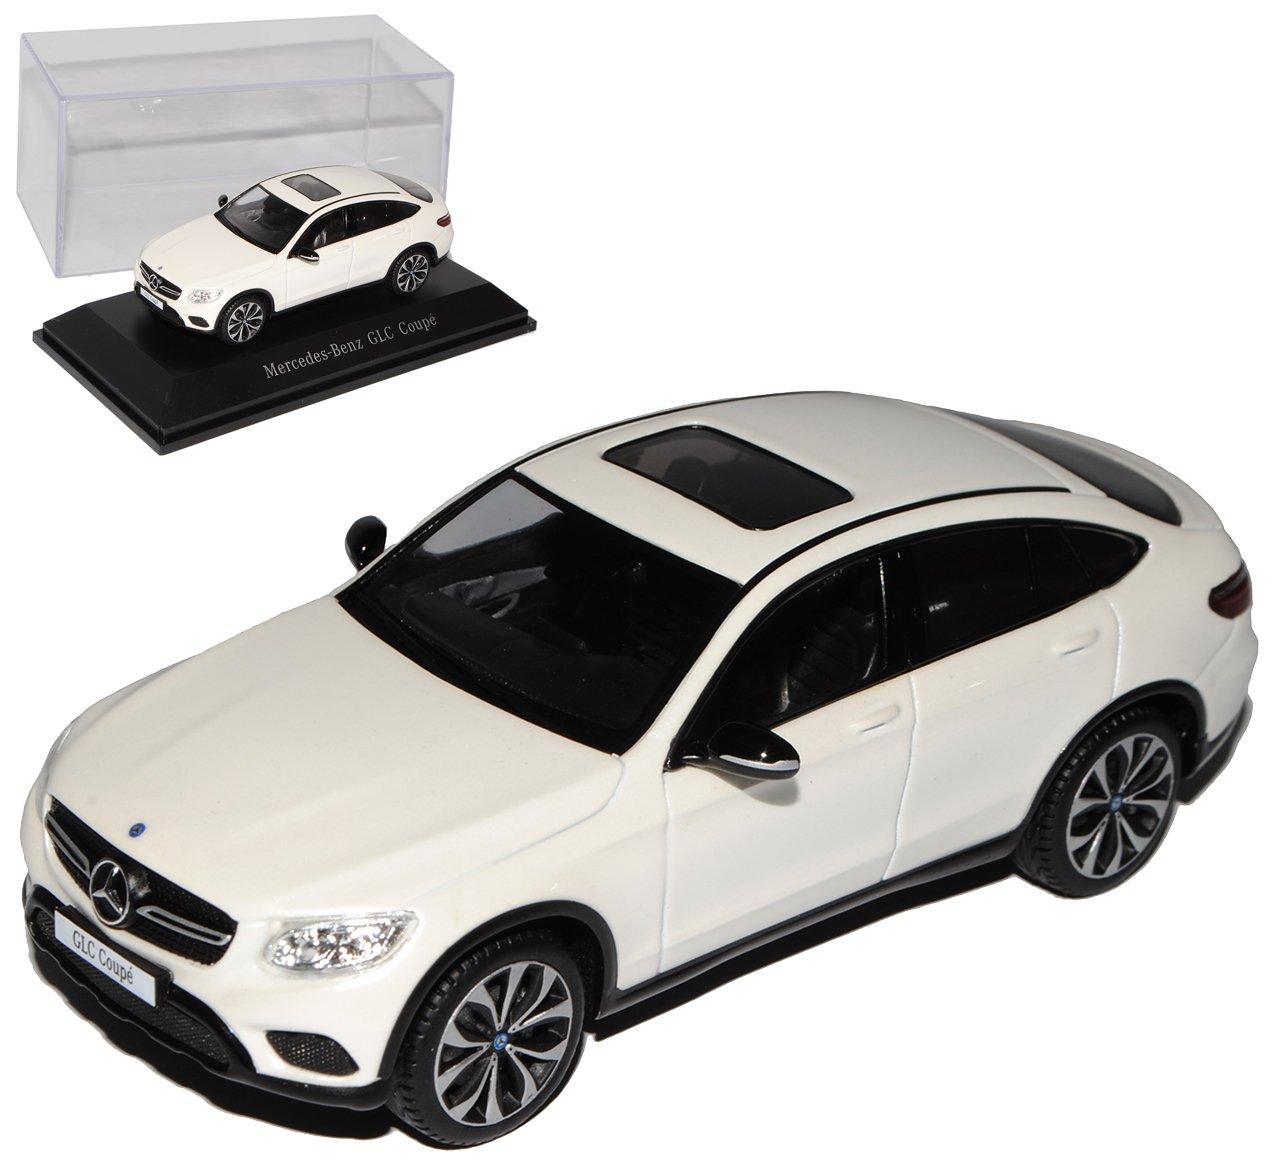 Spark Mercedes-Benz GLC Coupe X253 SUV Diamant Weiss Ab 2015 1/43 Modell Auto mit individiuellem Wunschkennzeichen